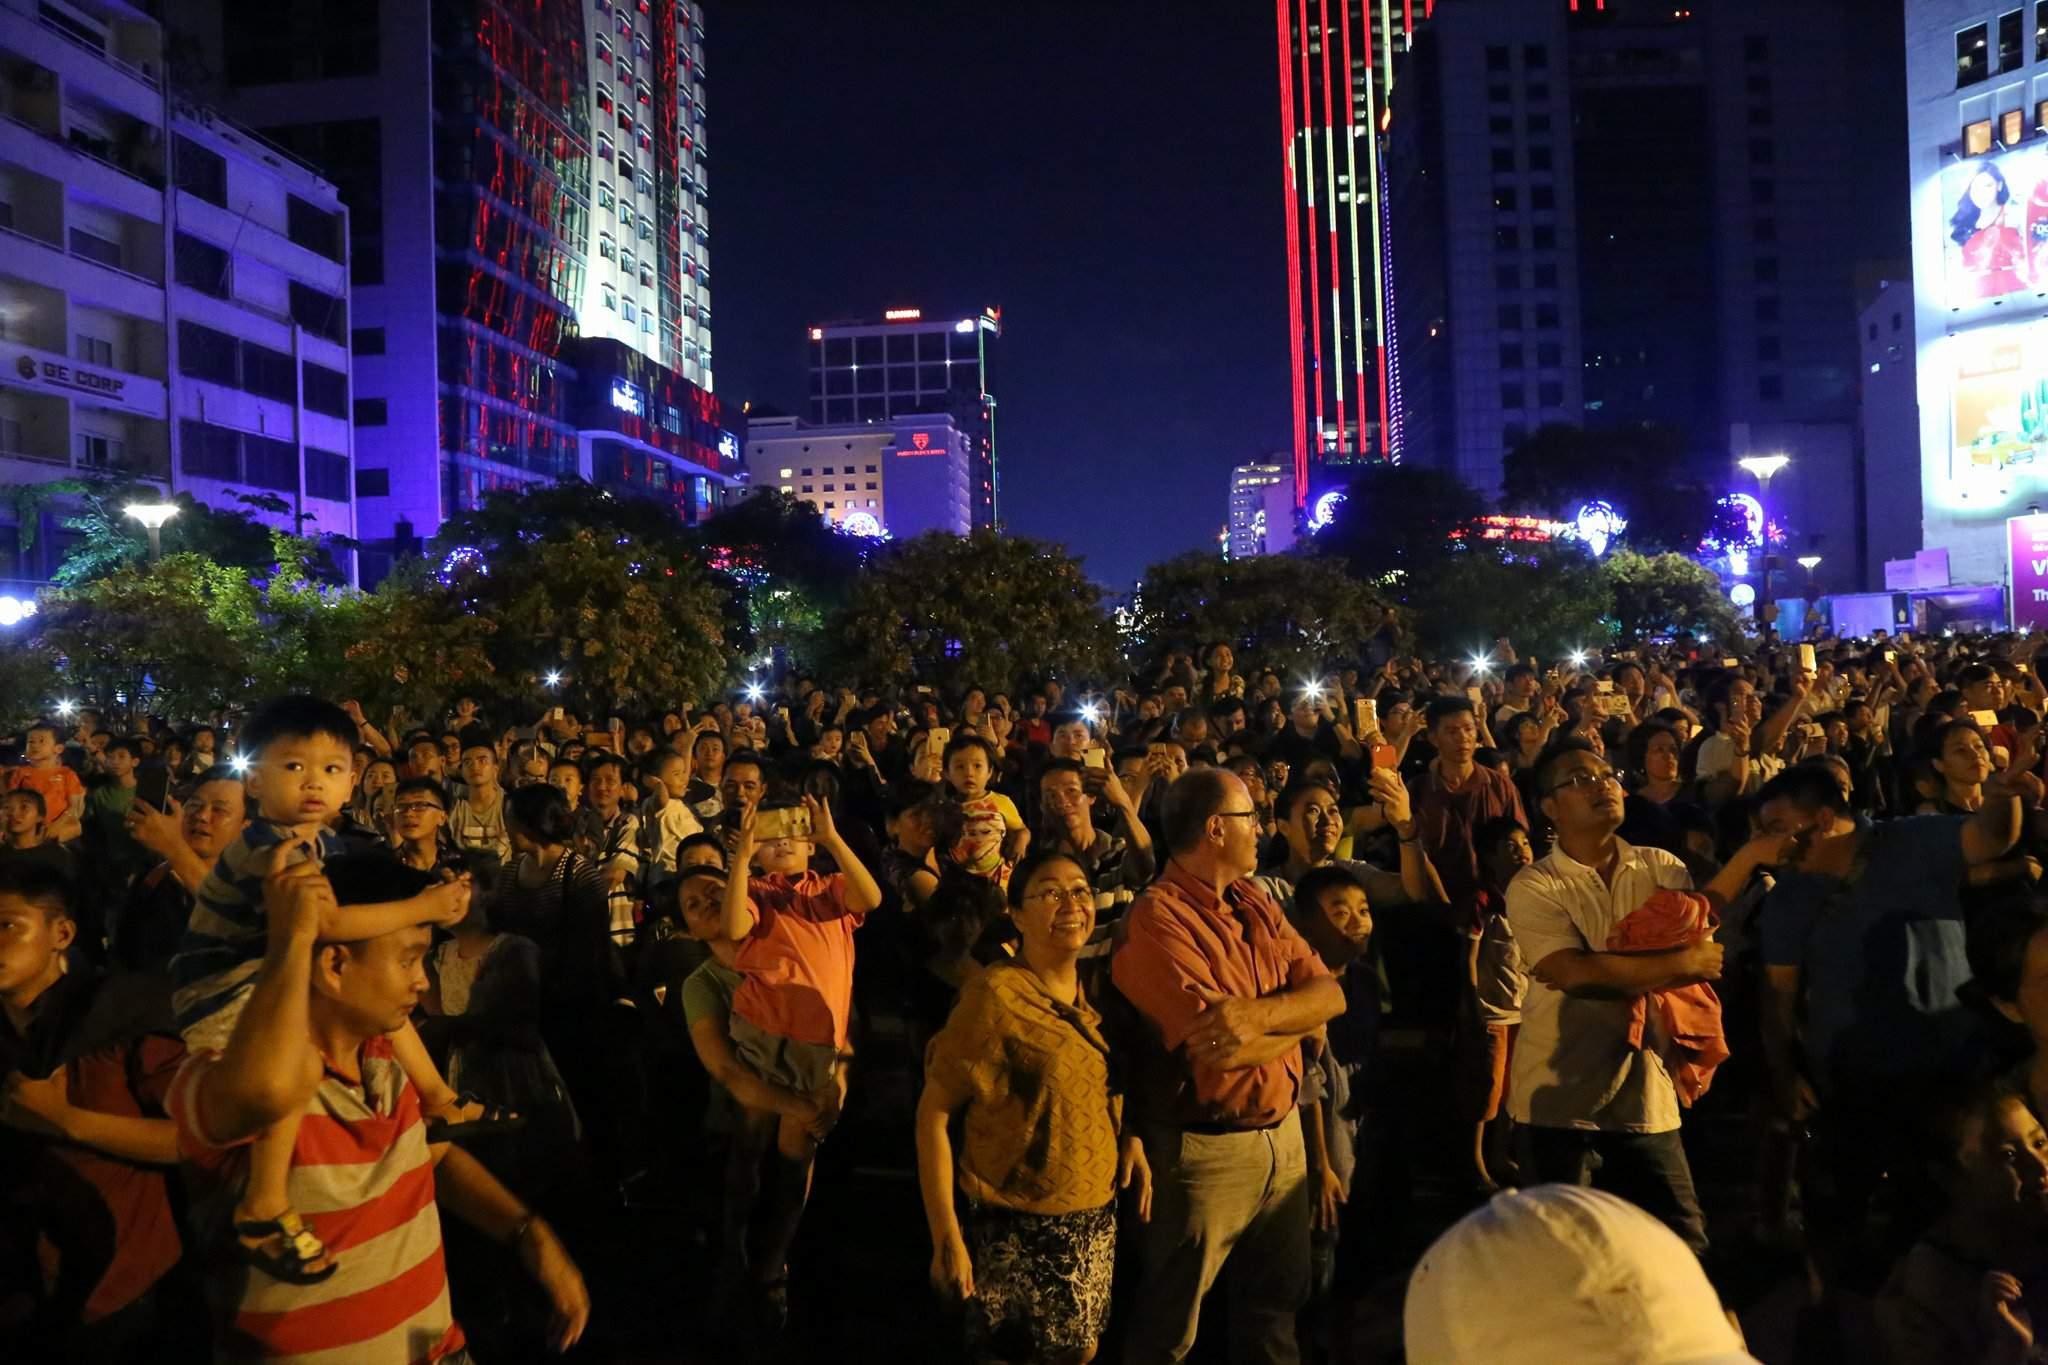 Pháo hoa rực sáng trên bầu trời Sài Gòn mừng lễ 30/4-7